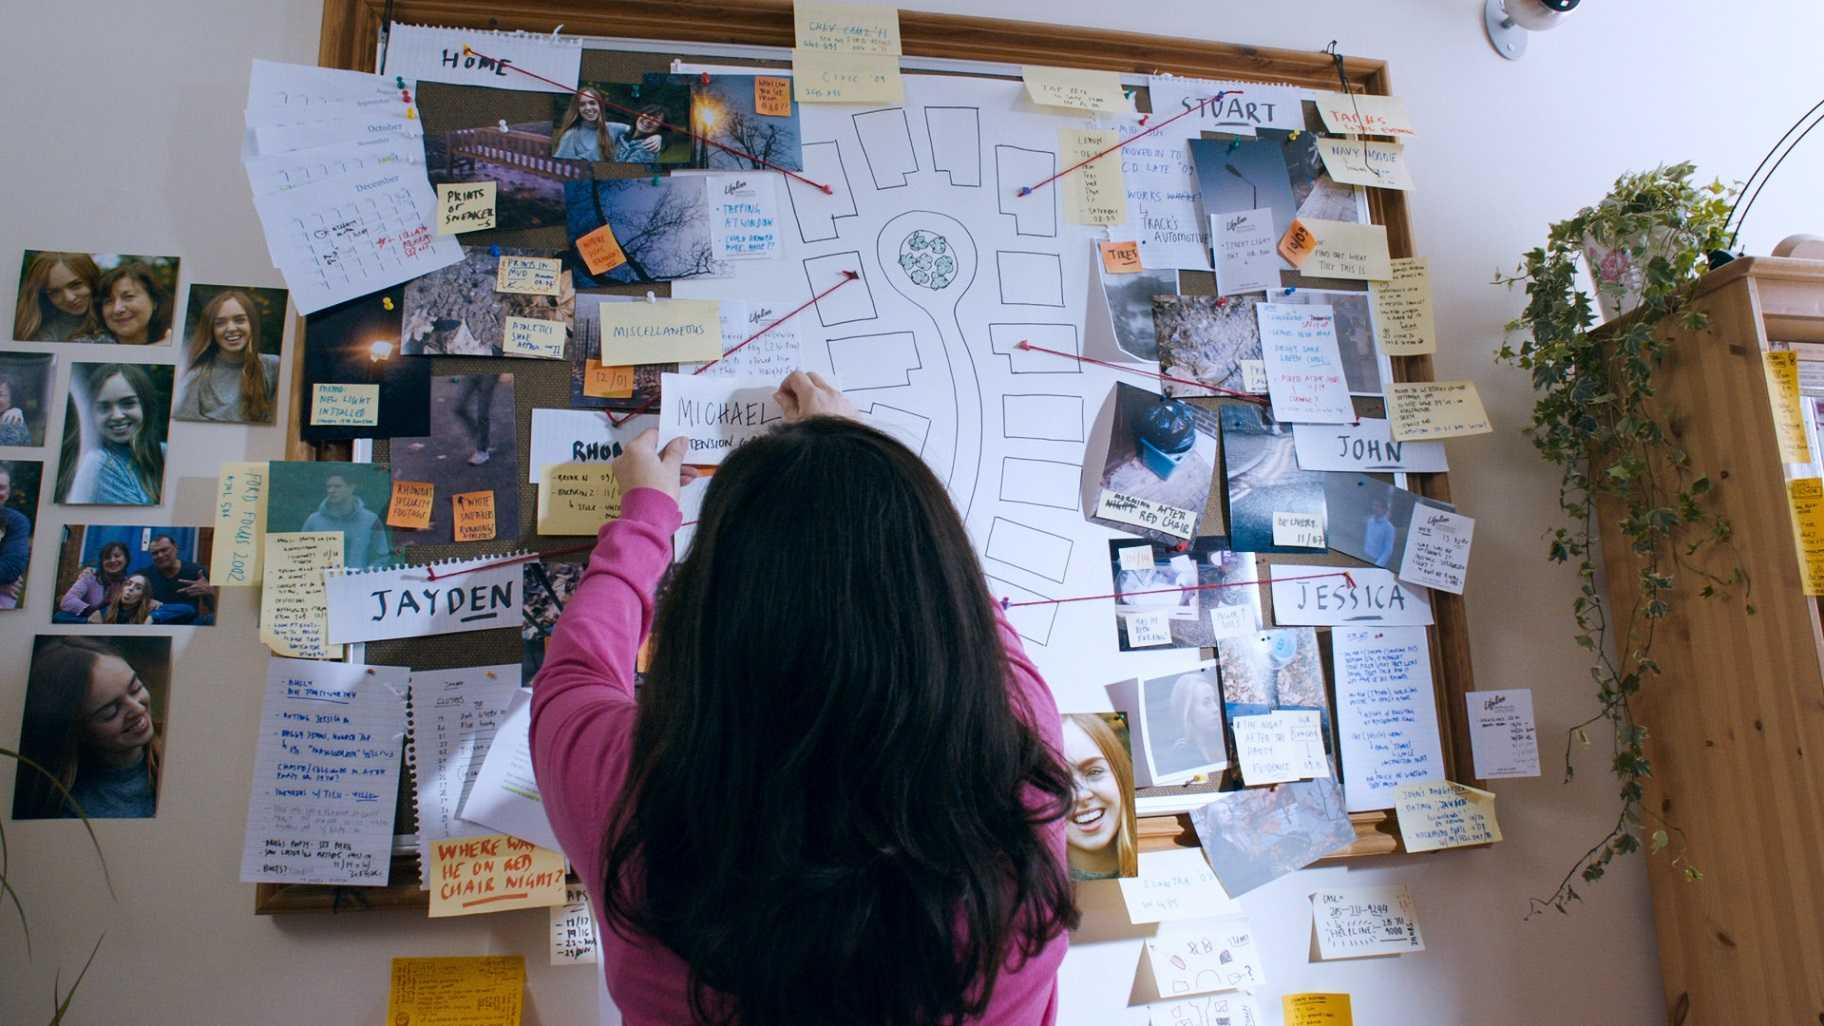 Toni sticks a card onto the board.